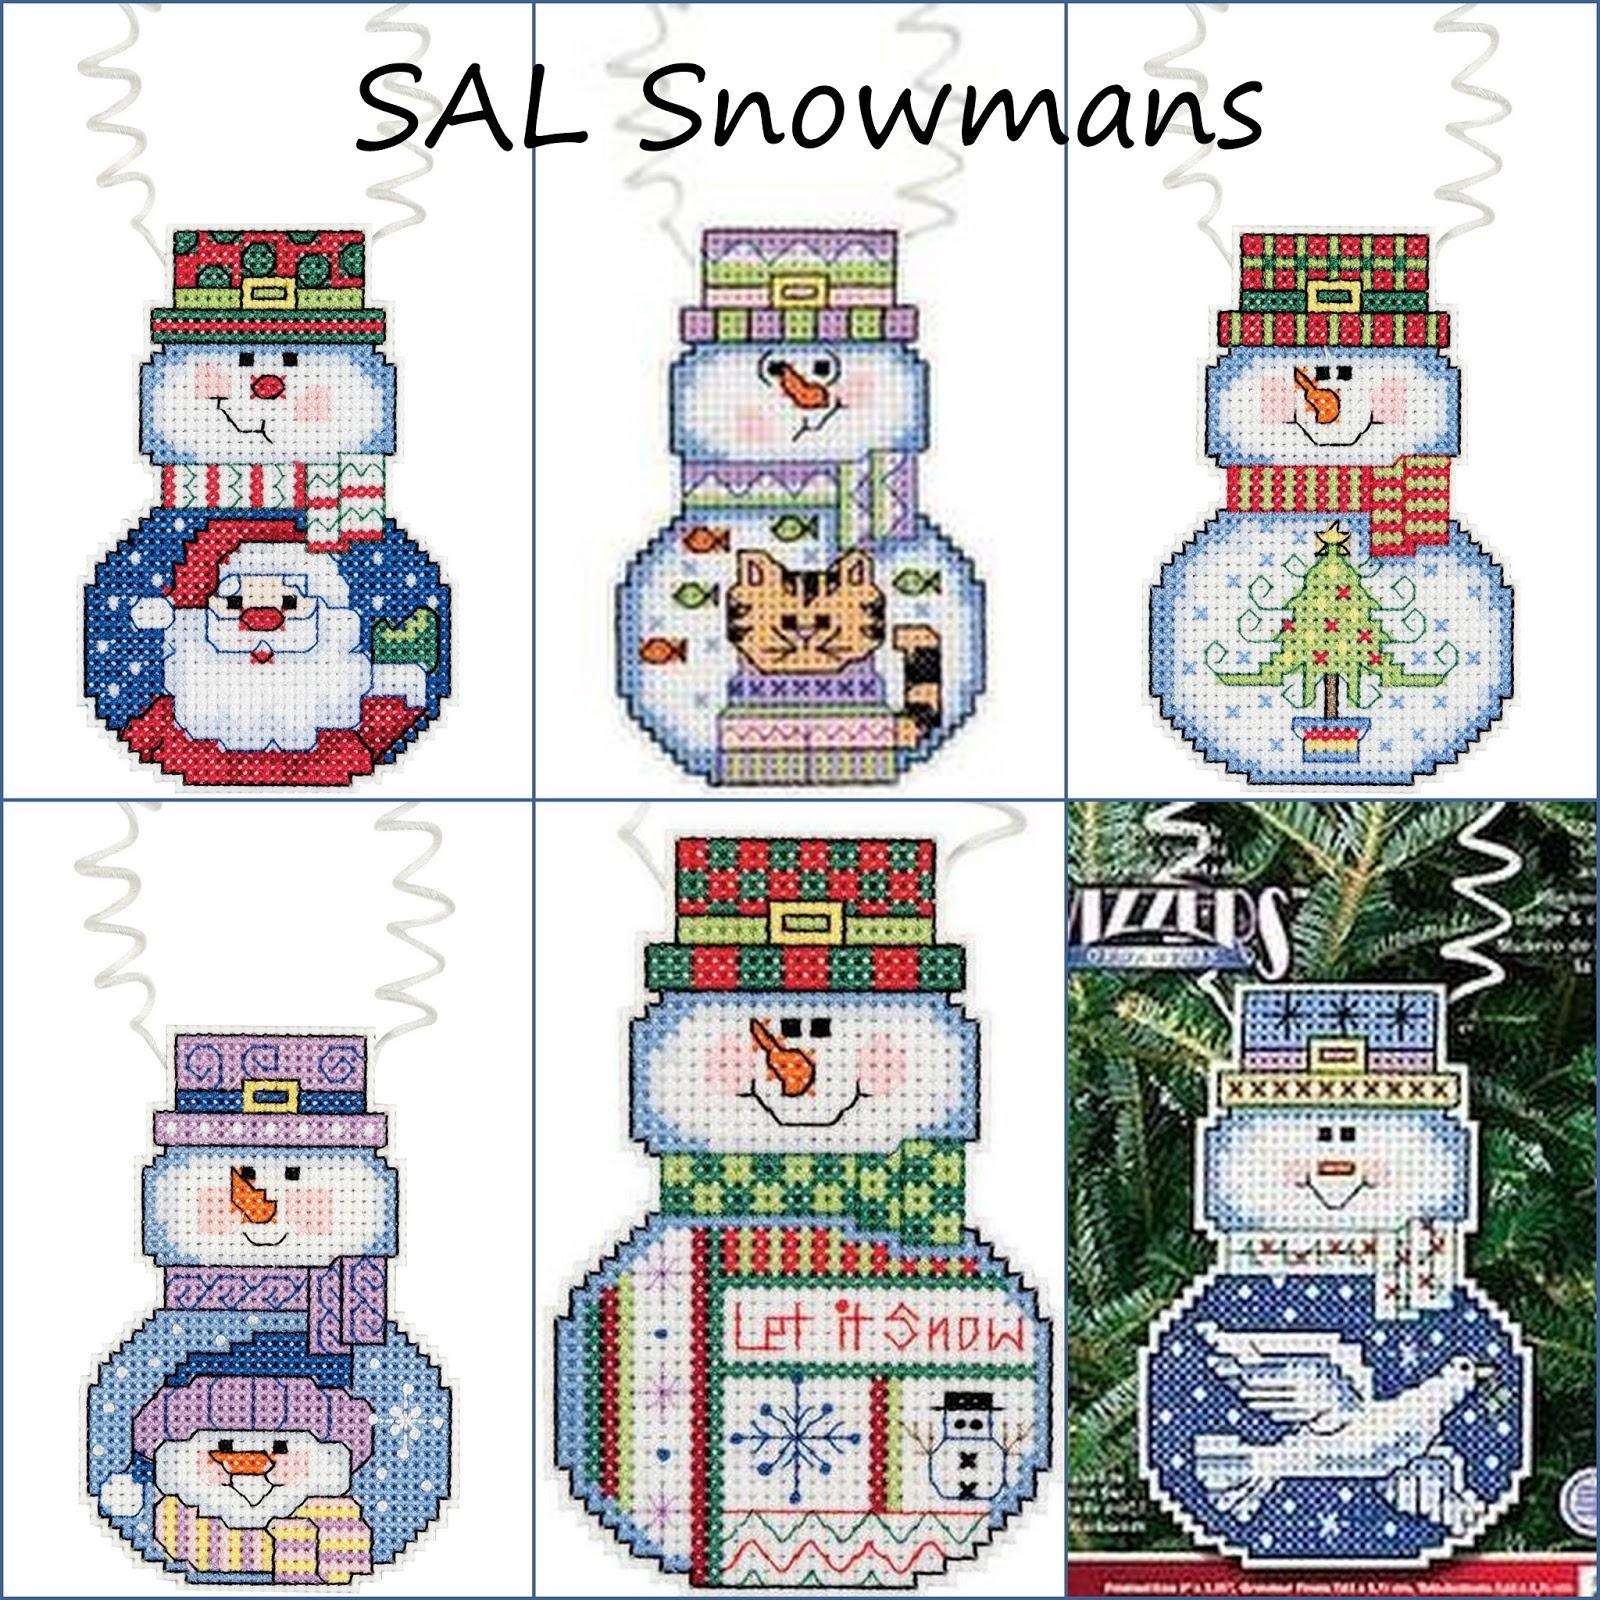 SAL Snowmans